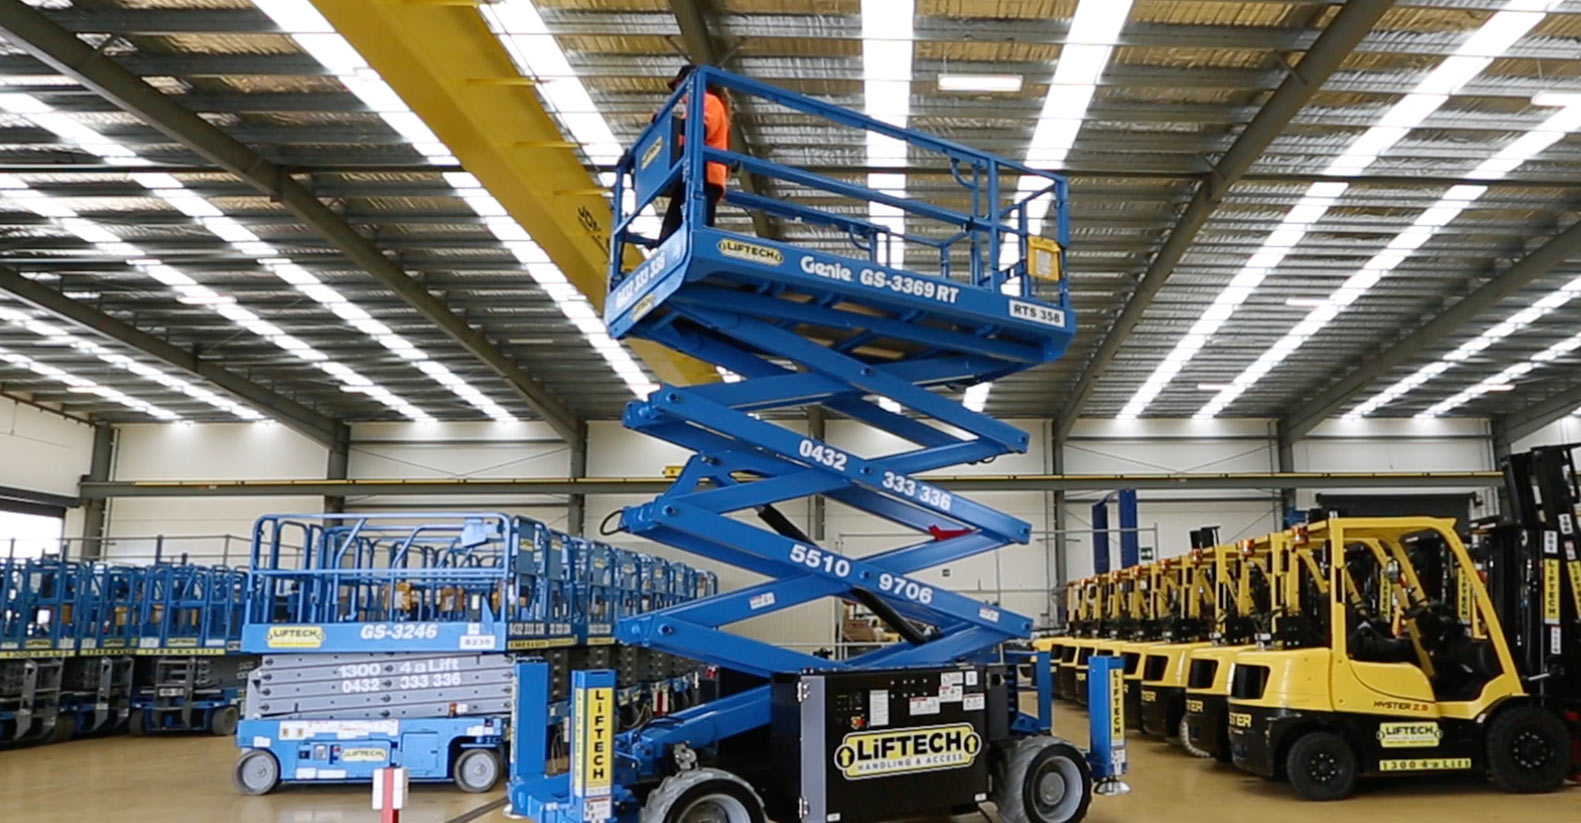 Scissor Lift training in melbourne